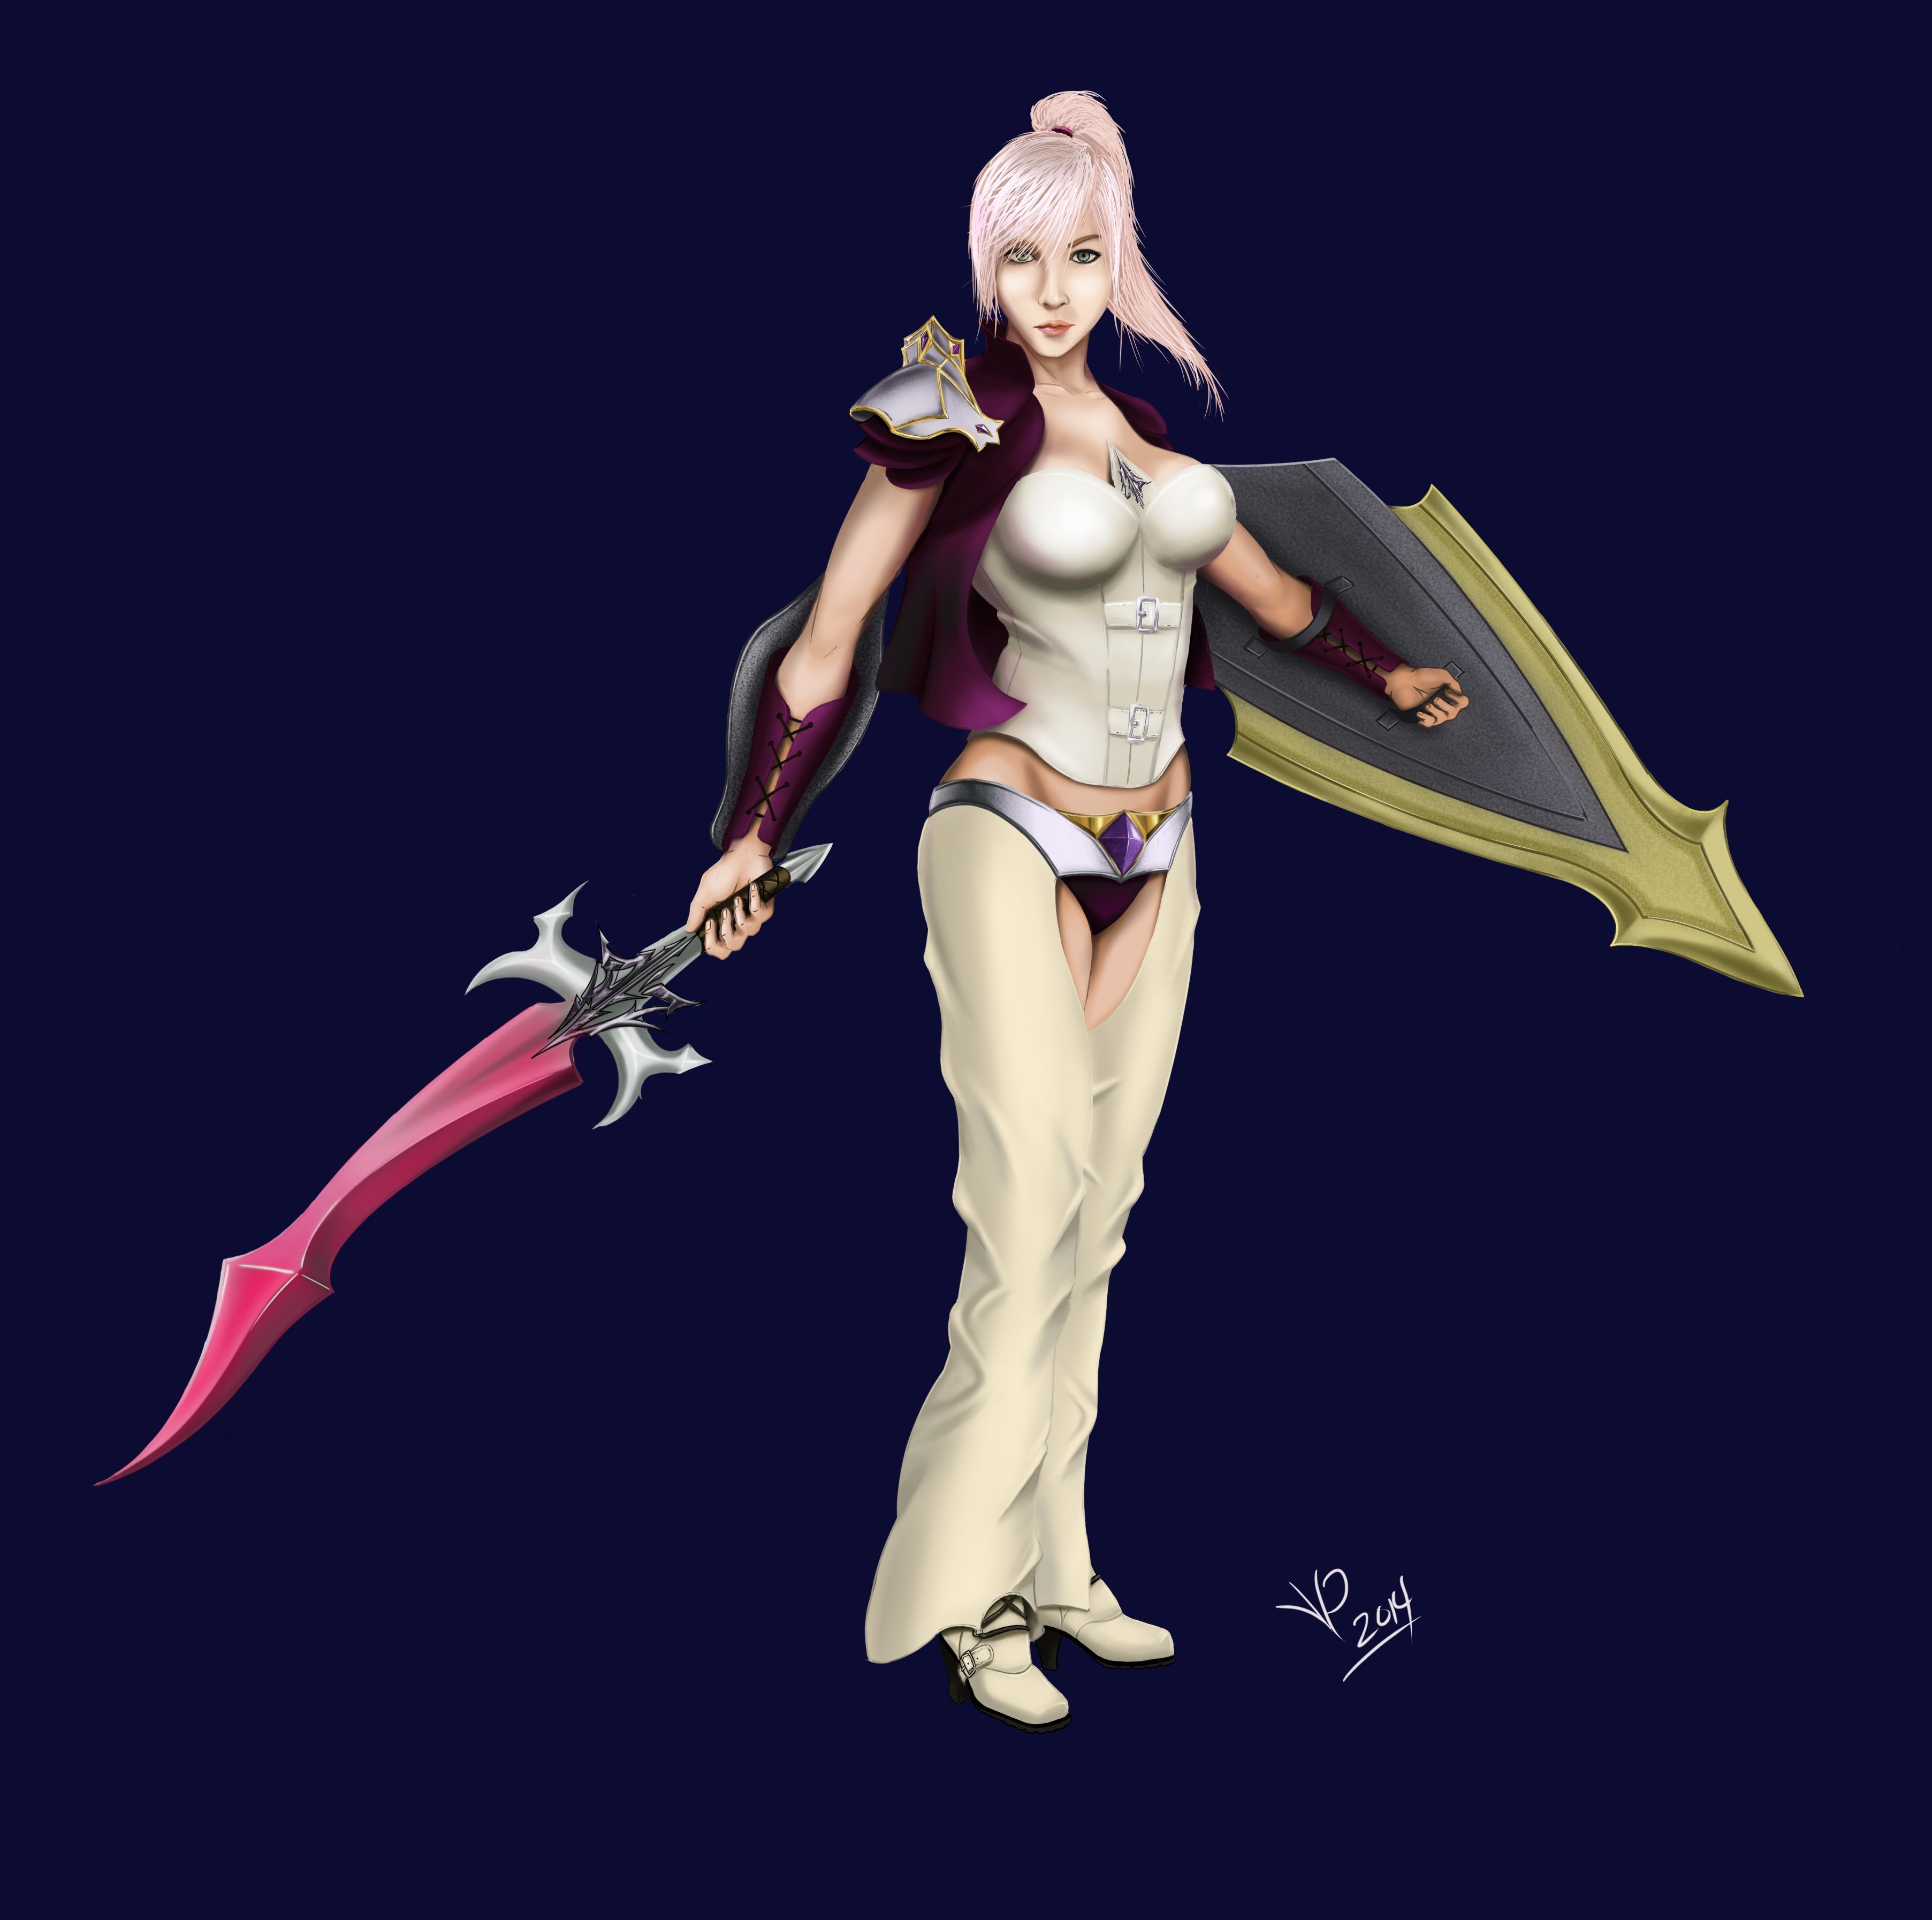 Lightning Final Fantasy FanArt